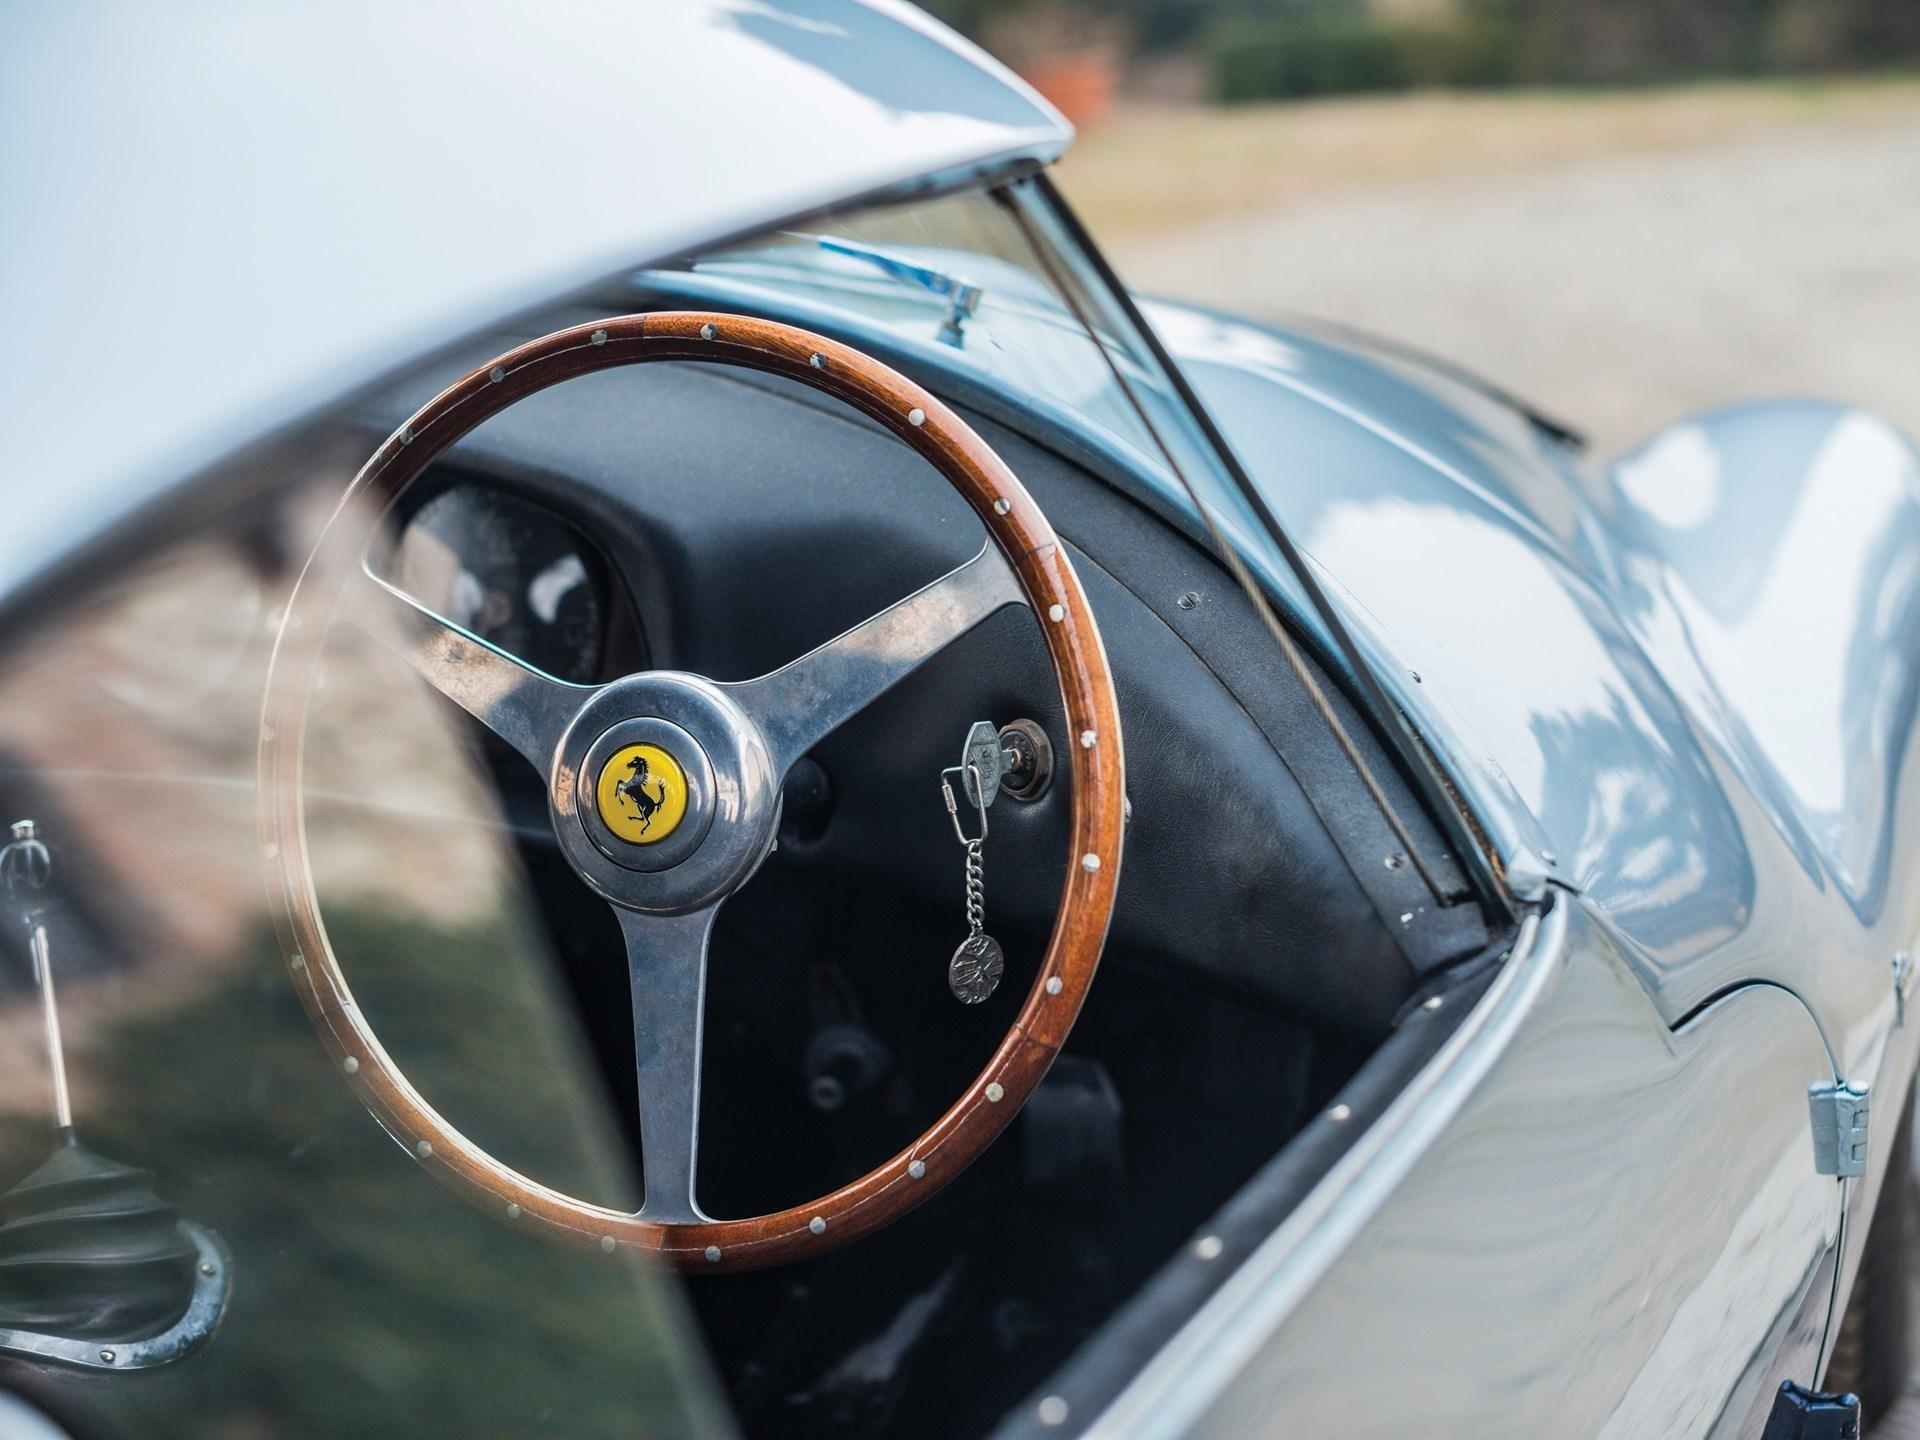 Và kết quả là một cỗ máy hoàn toàn xa lạ với Ferrari